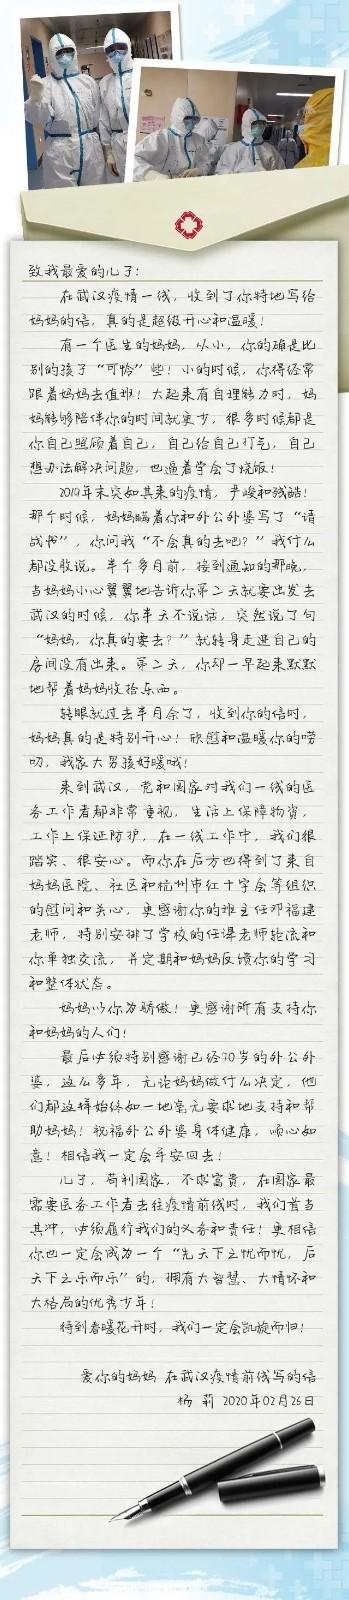 疫线家书丨援汉医生妈妈写给儿子:苟利国家 不求富贵